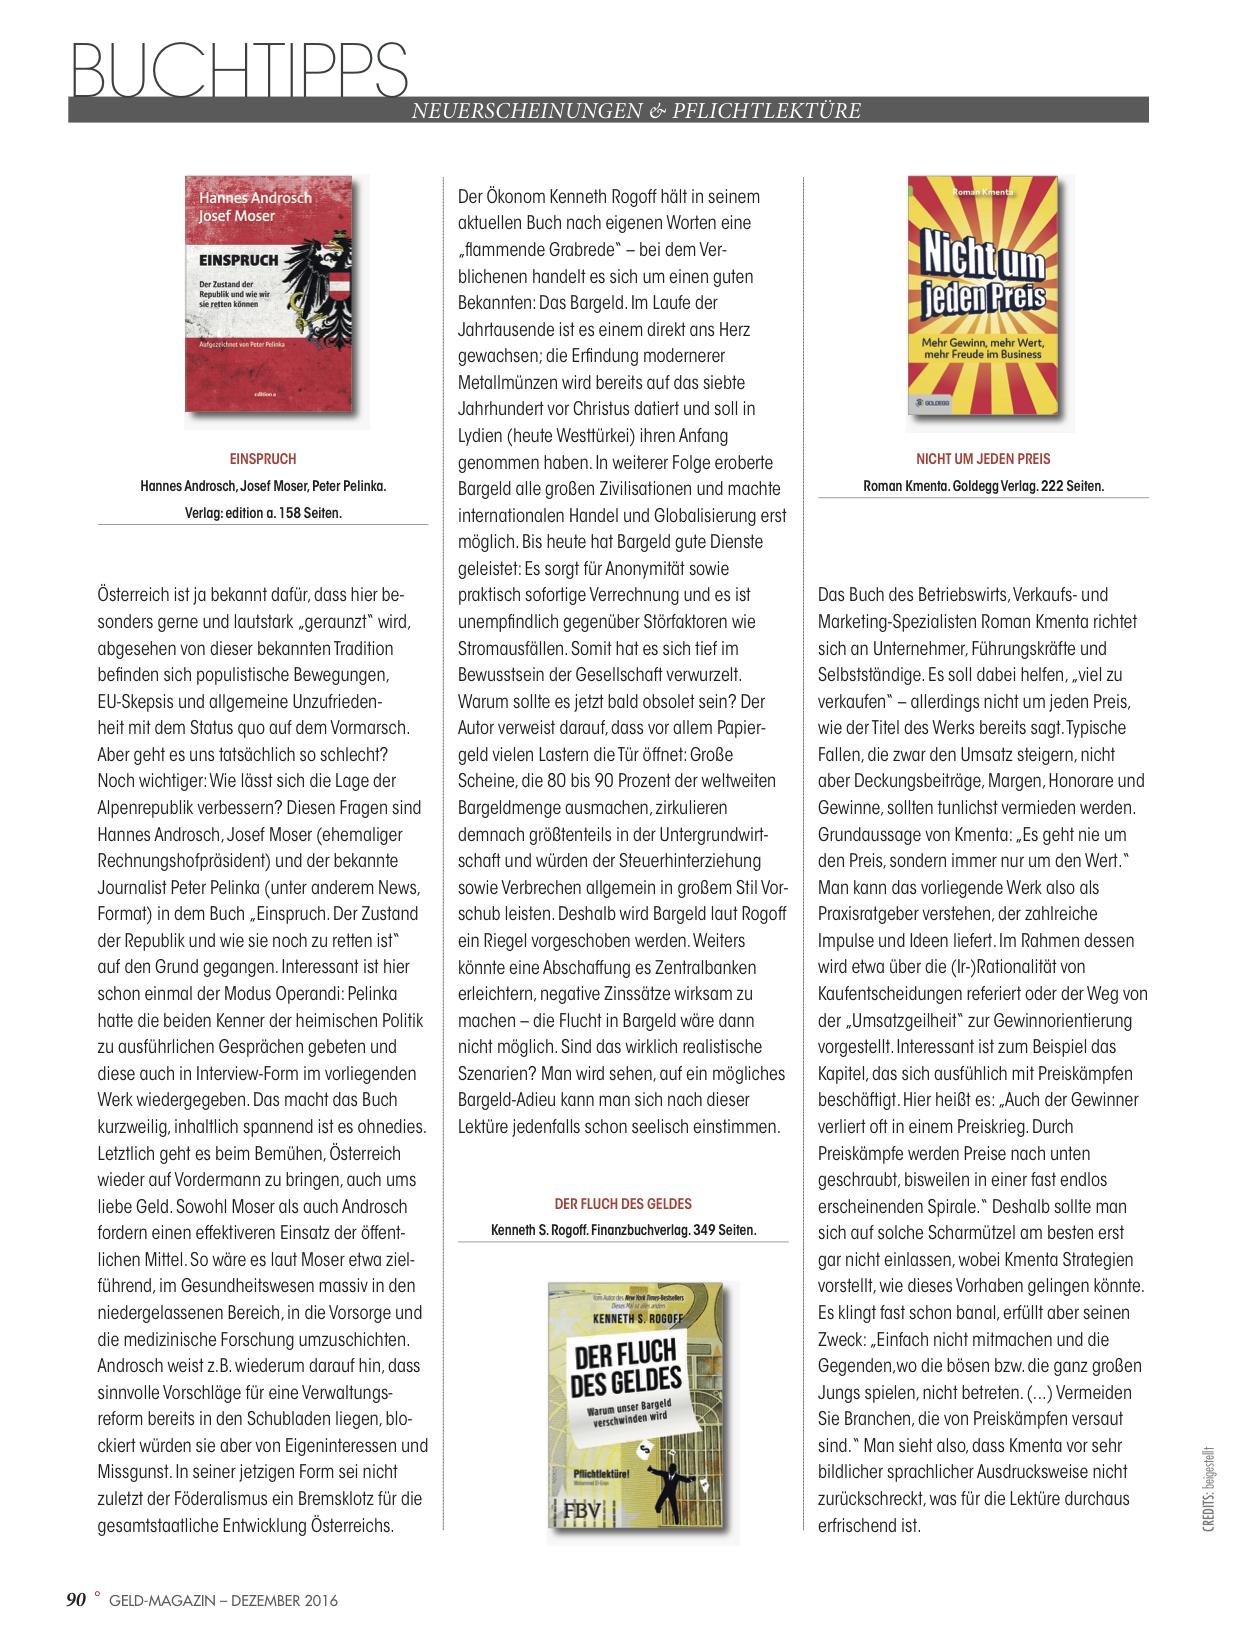 Geld Magazin Buchtipps 12/16 - Nicht um jeden Preis - Roman Kmenta - Autor und Trainer